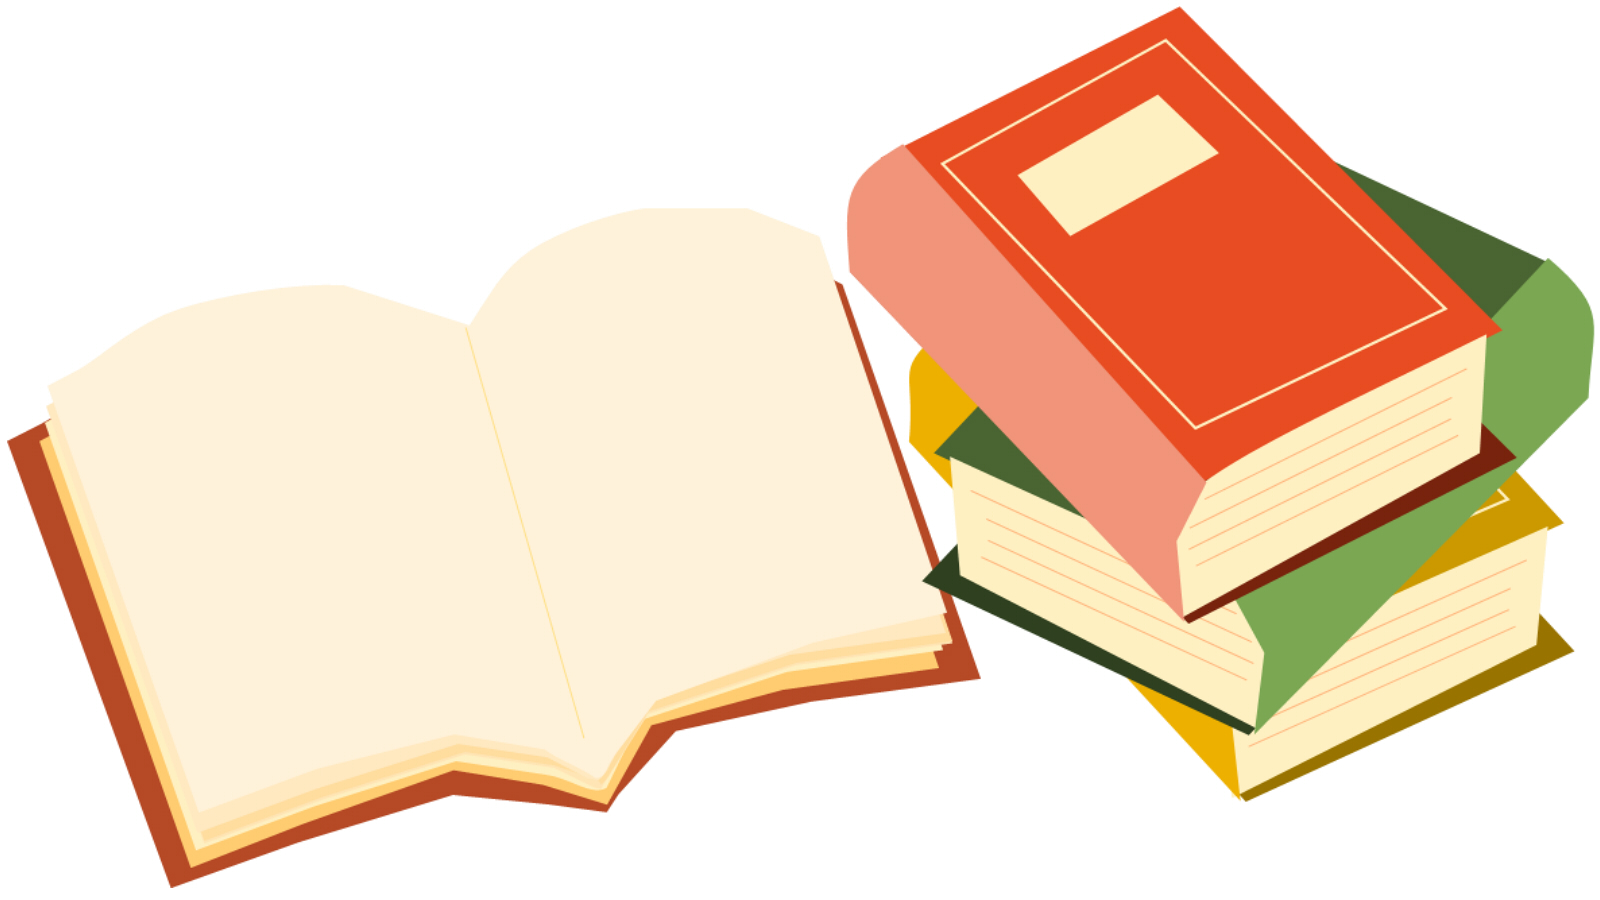 図書館の本の画像